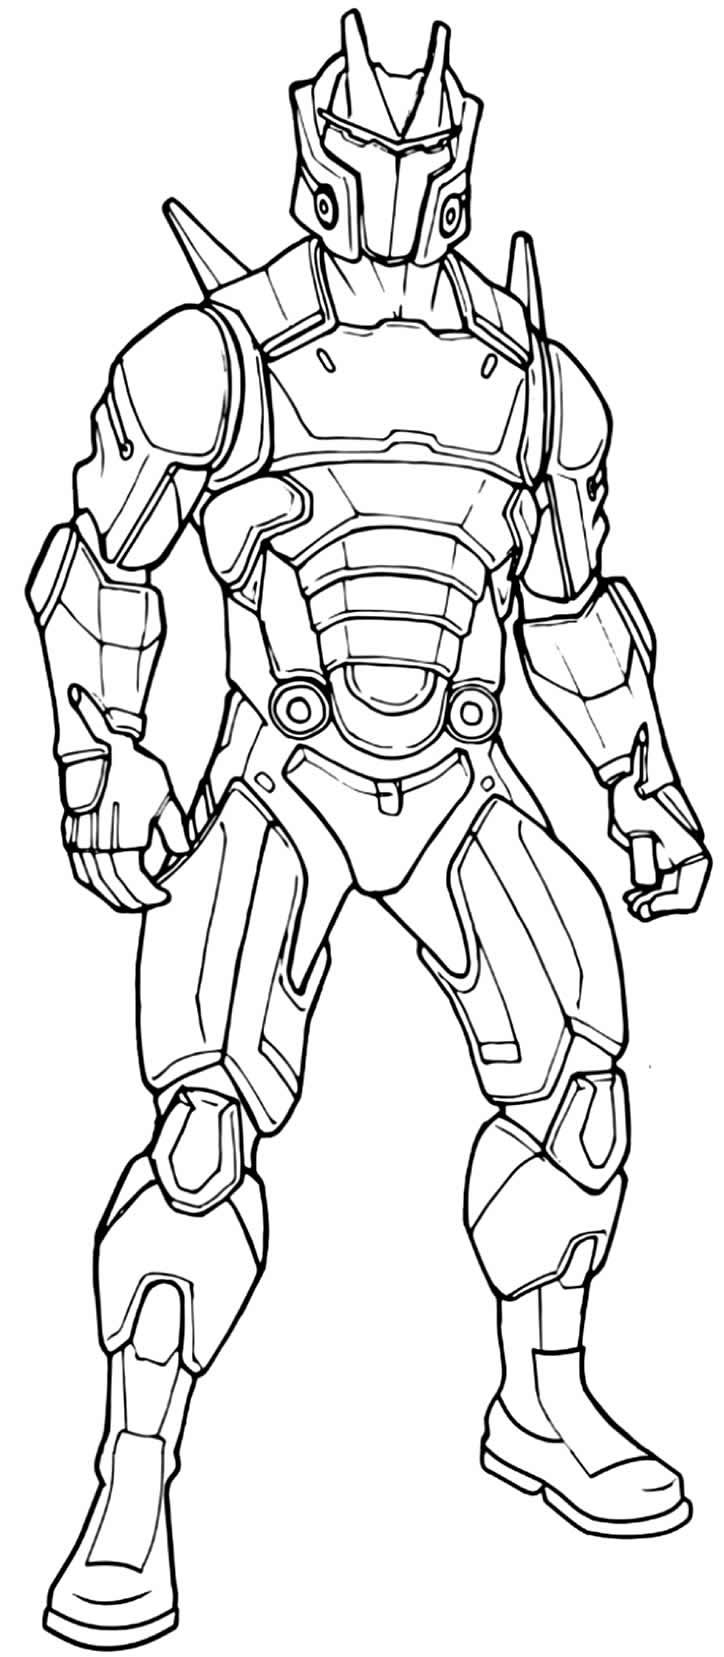 Desenho de Fortnite para pintar